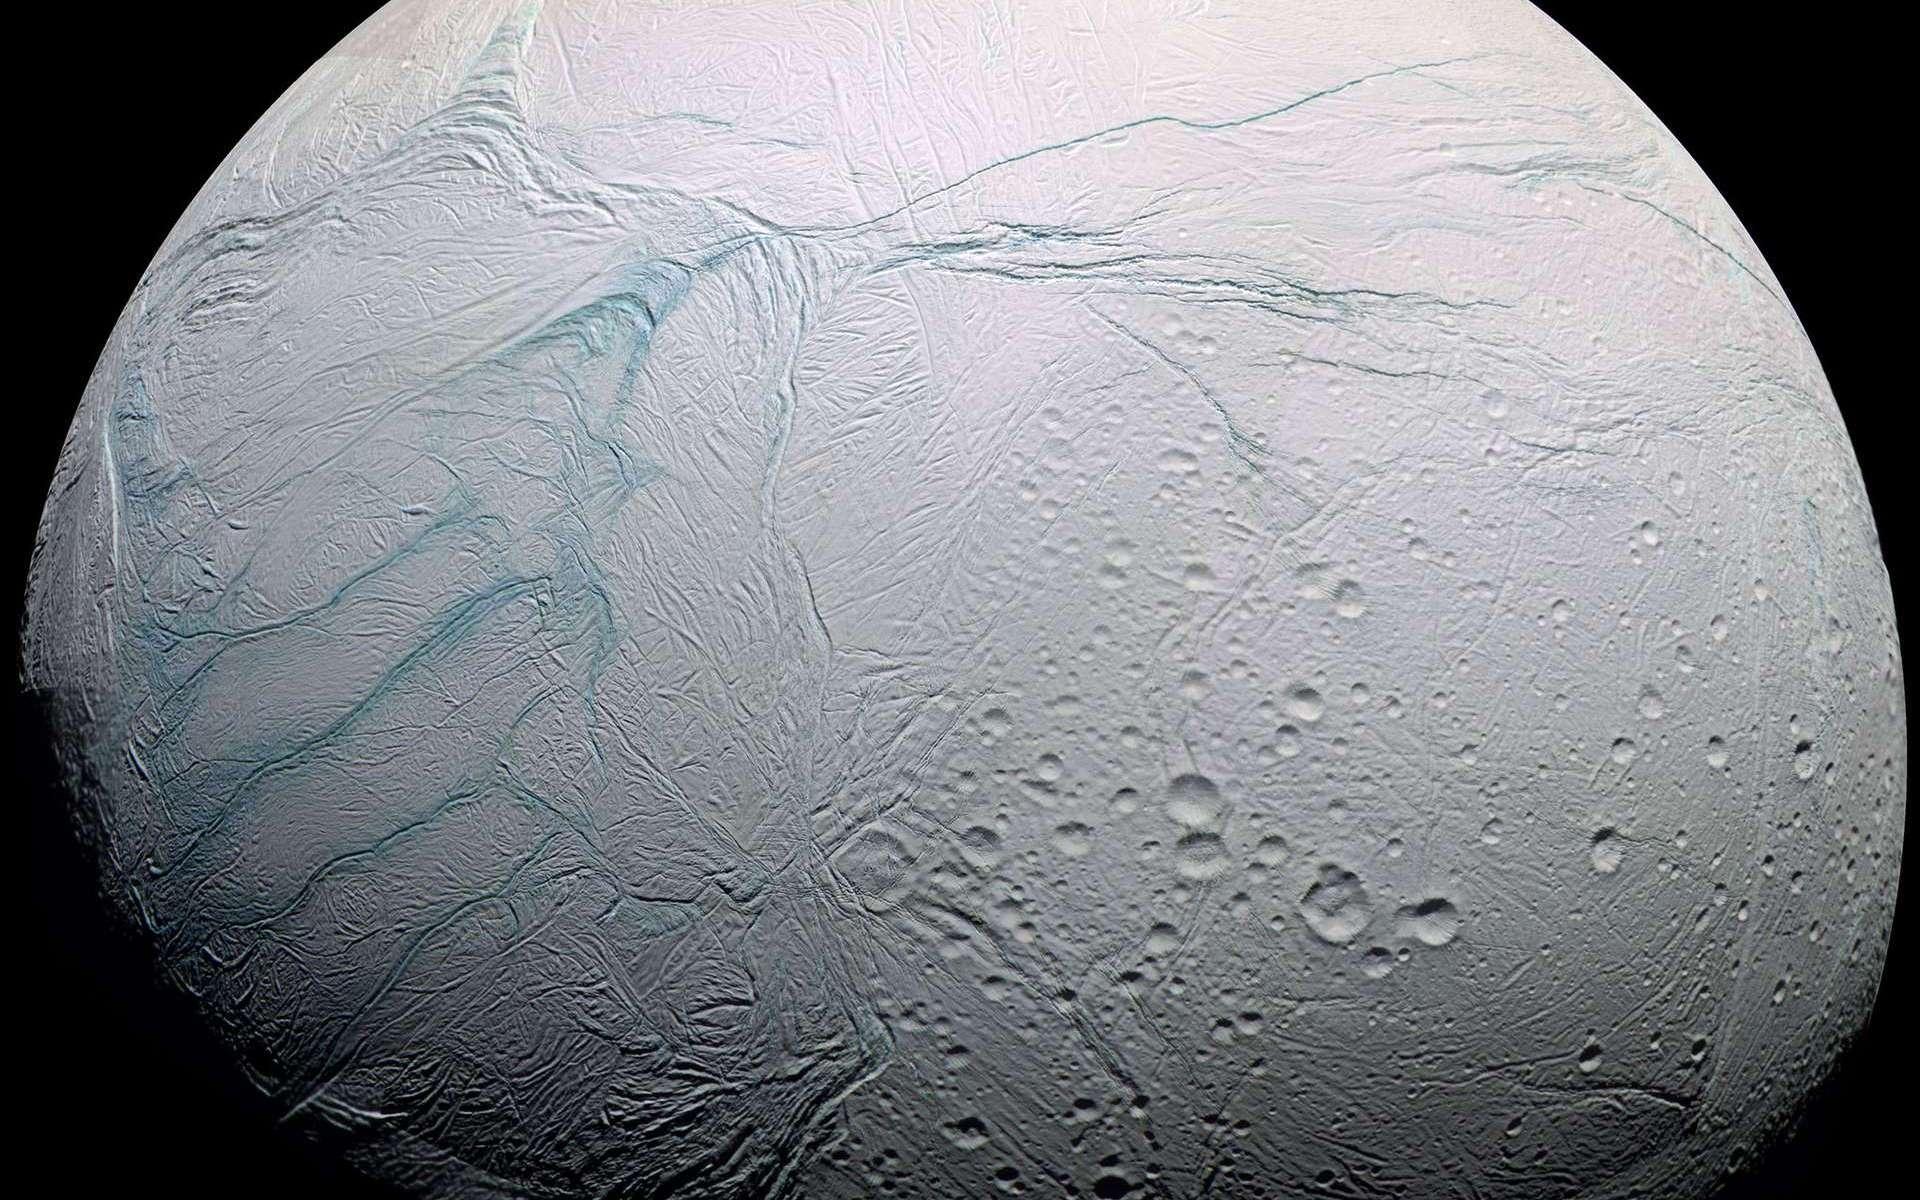 De nouveaux travaux de chercheurs du Southwest Research Institute (SwRI - États-Unis) suggèrent que l'océan d'Encelade est le siège de processus géochimiques complexes qui pourraient créer un environnement propice à la vie. © Nasa